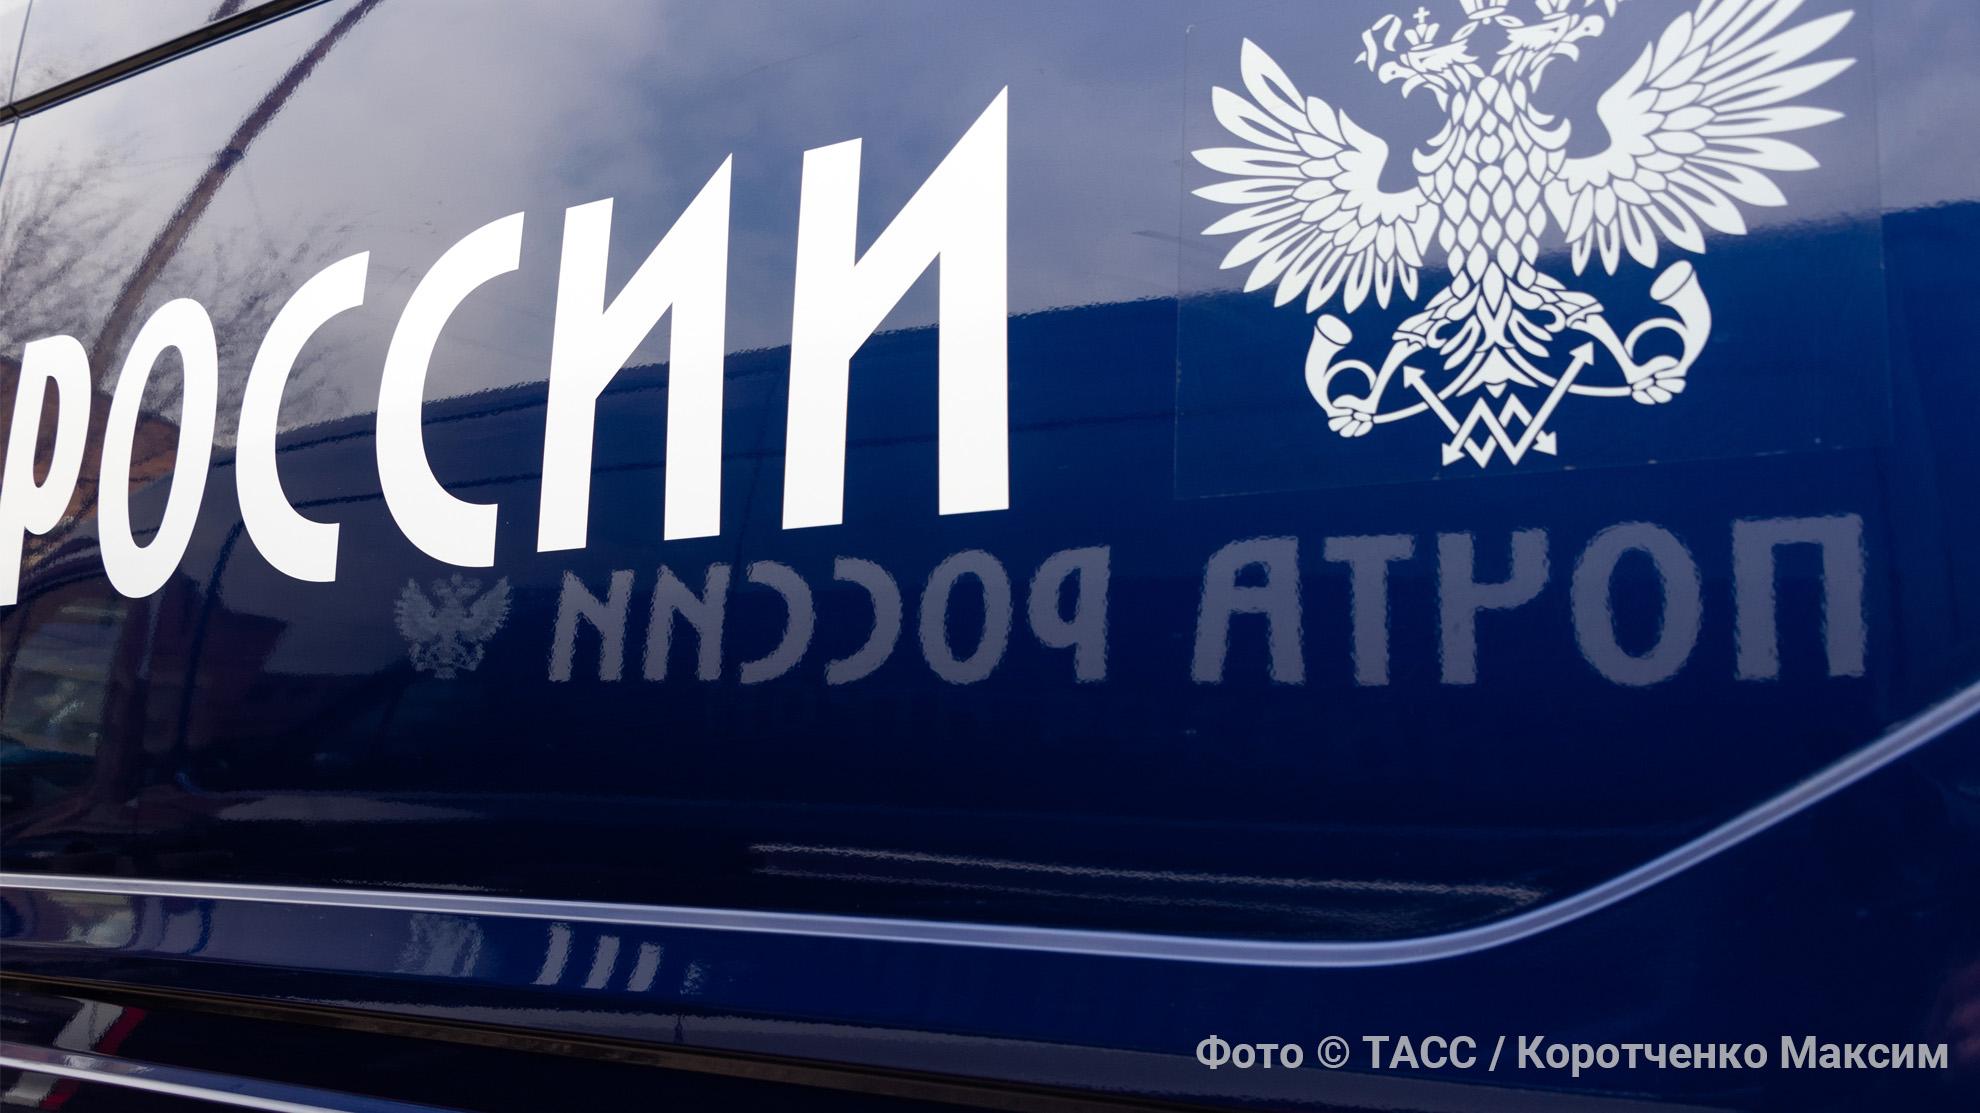 <p>Фото © ТАСС / Коротченко Максим</p>